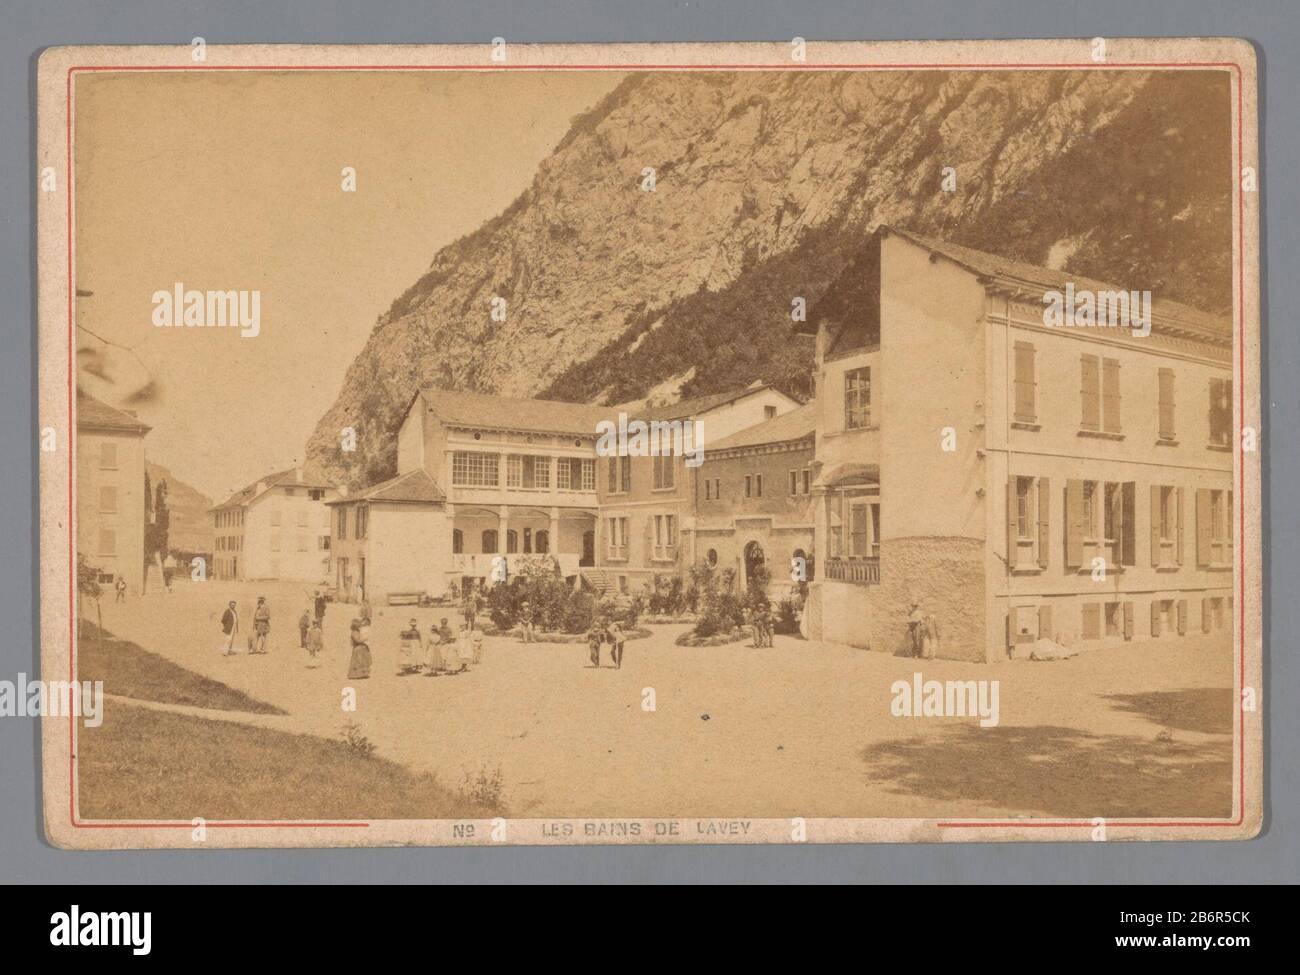 Gezicht Op Een Kuuroord In Lavey Les Bains Les Bains De Lavey